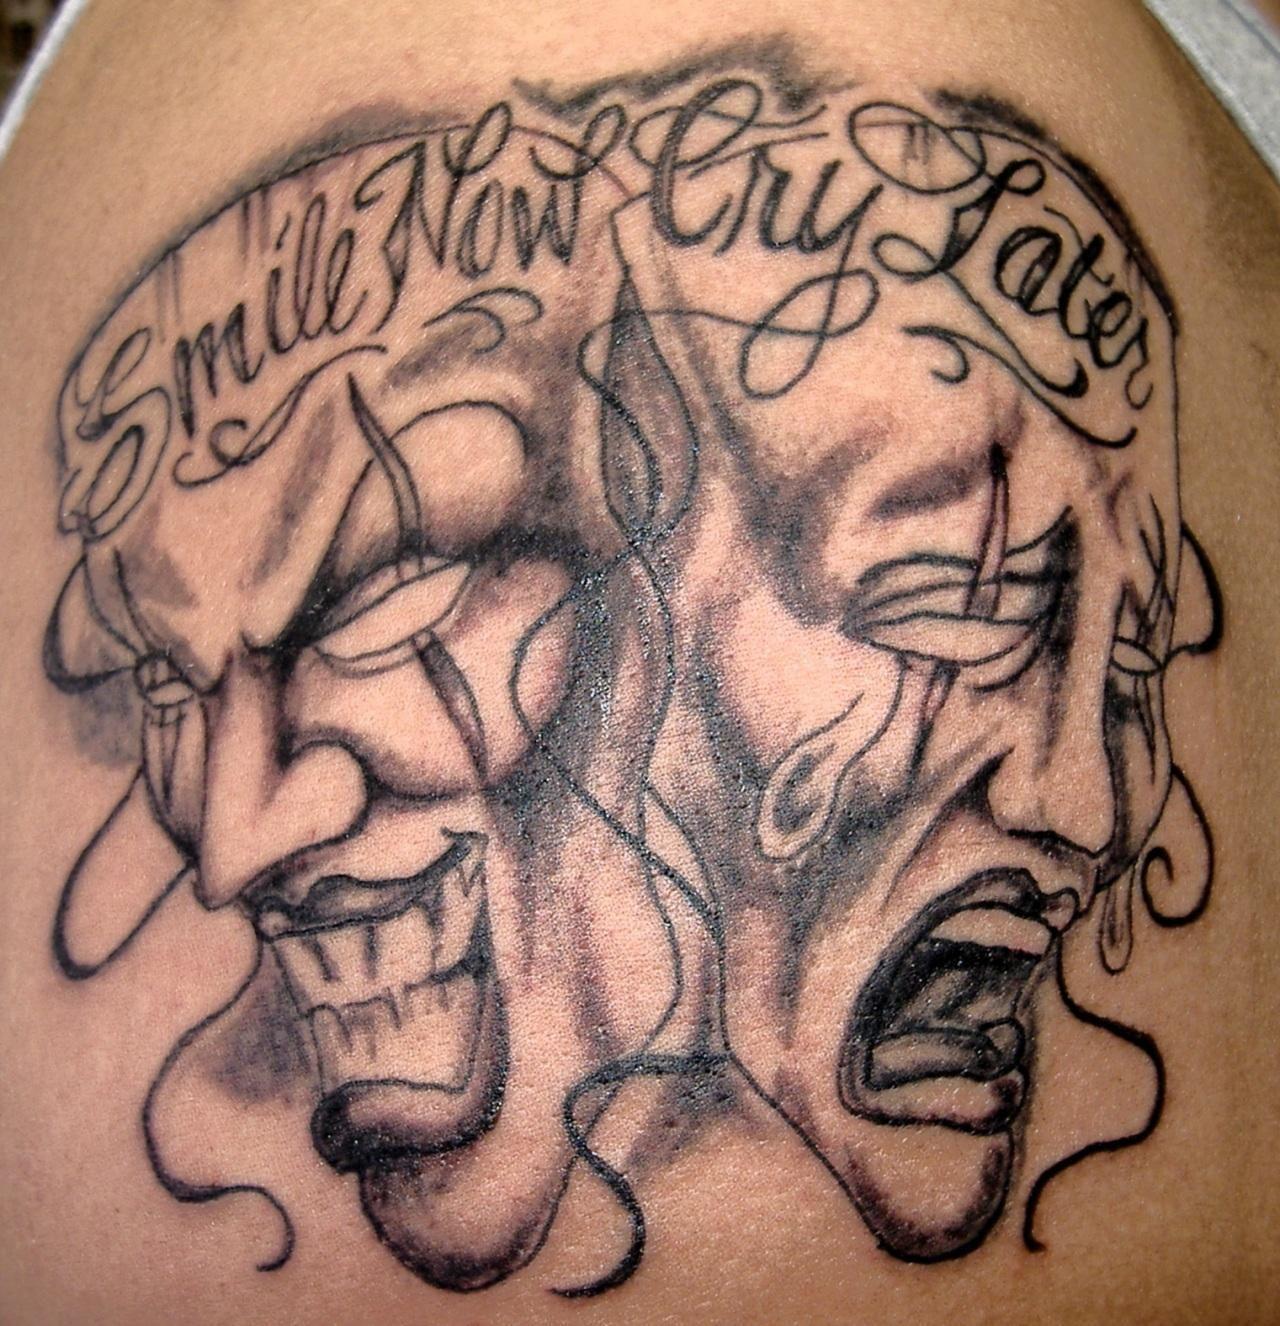 Tatuaje chicano tatto oldies pinterest tatto for Smile more tattoo